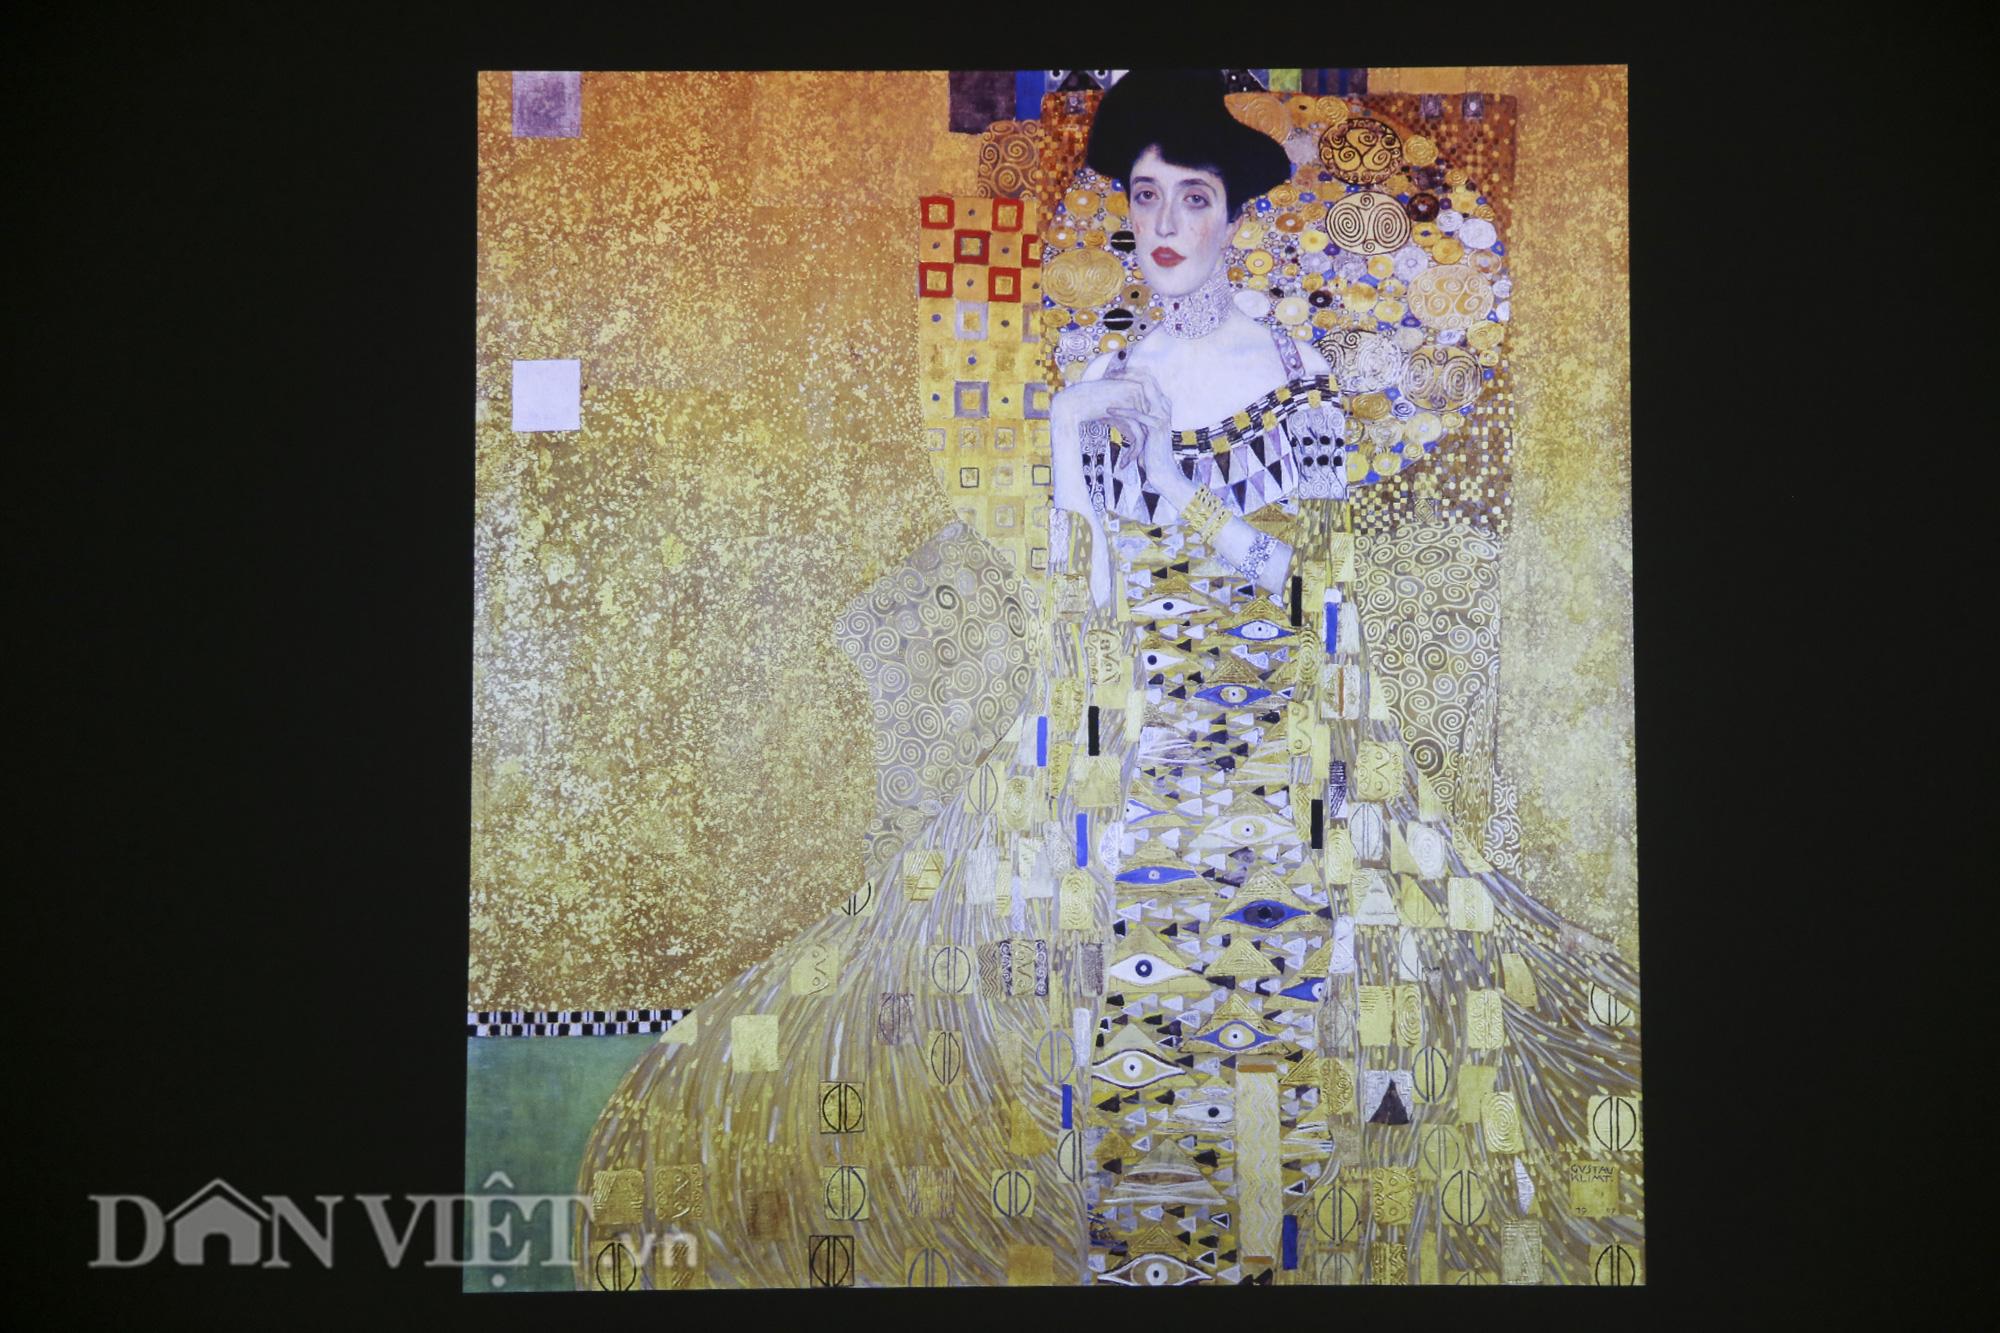 Chiêm ngưỡng những kiệt tác hội họa trăm năm, giá trăm triệu USD tại Hà Nội - Ảnh 11.